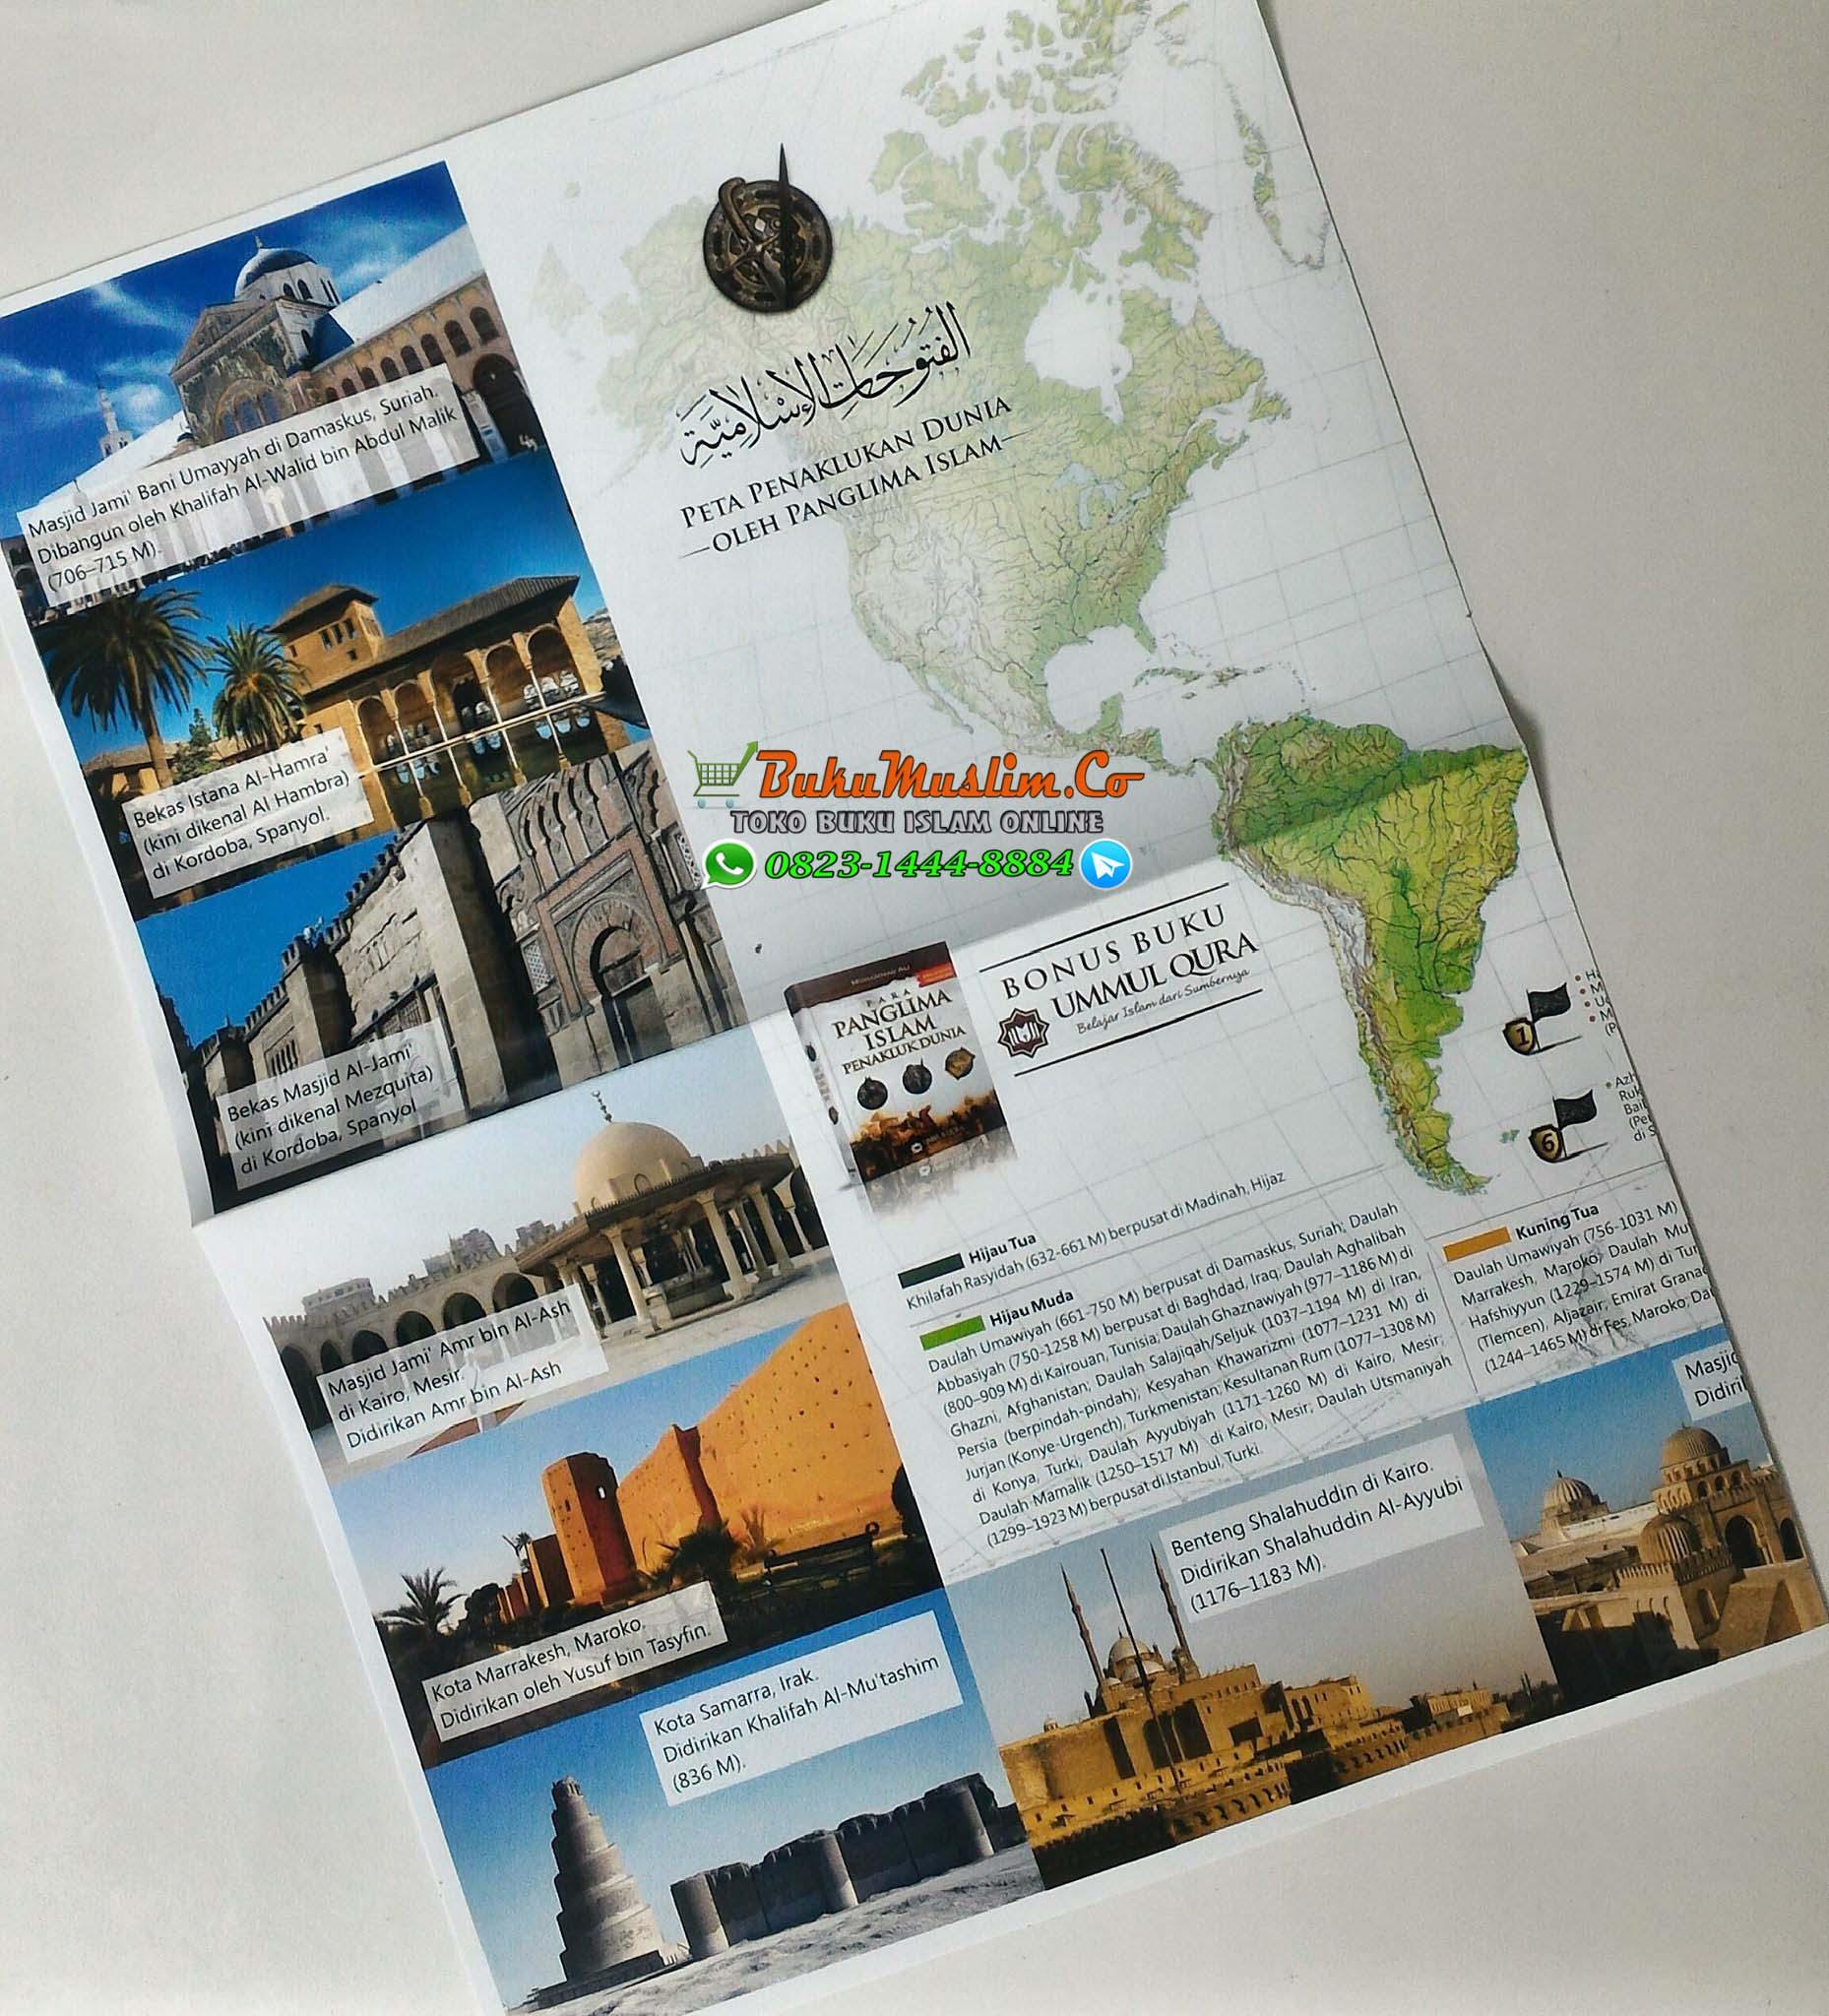 Bonus peta penaklukan dunia oleh panglima islam 1